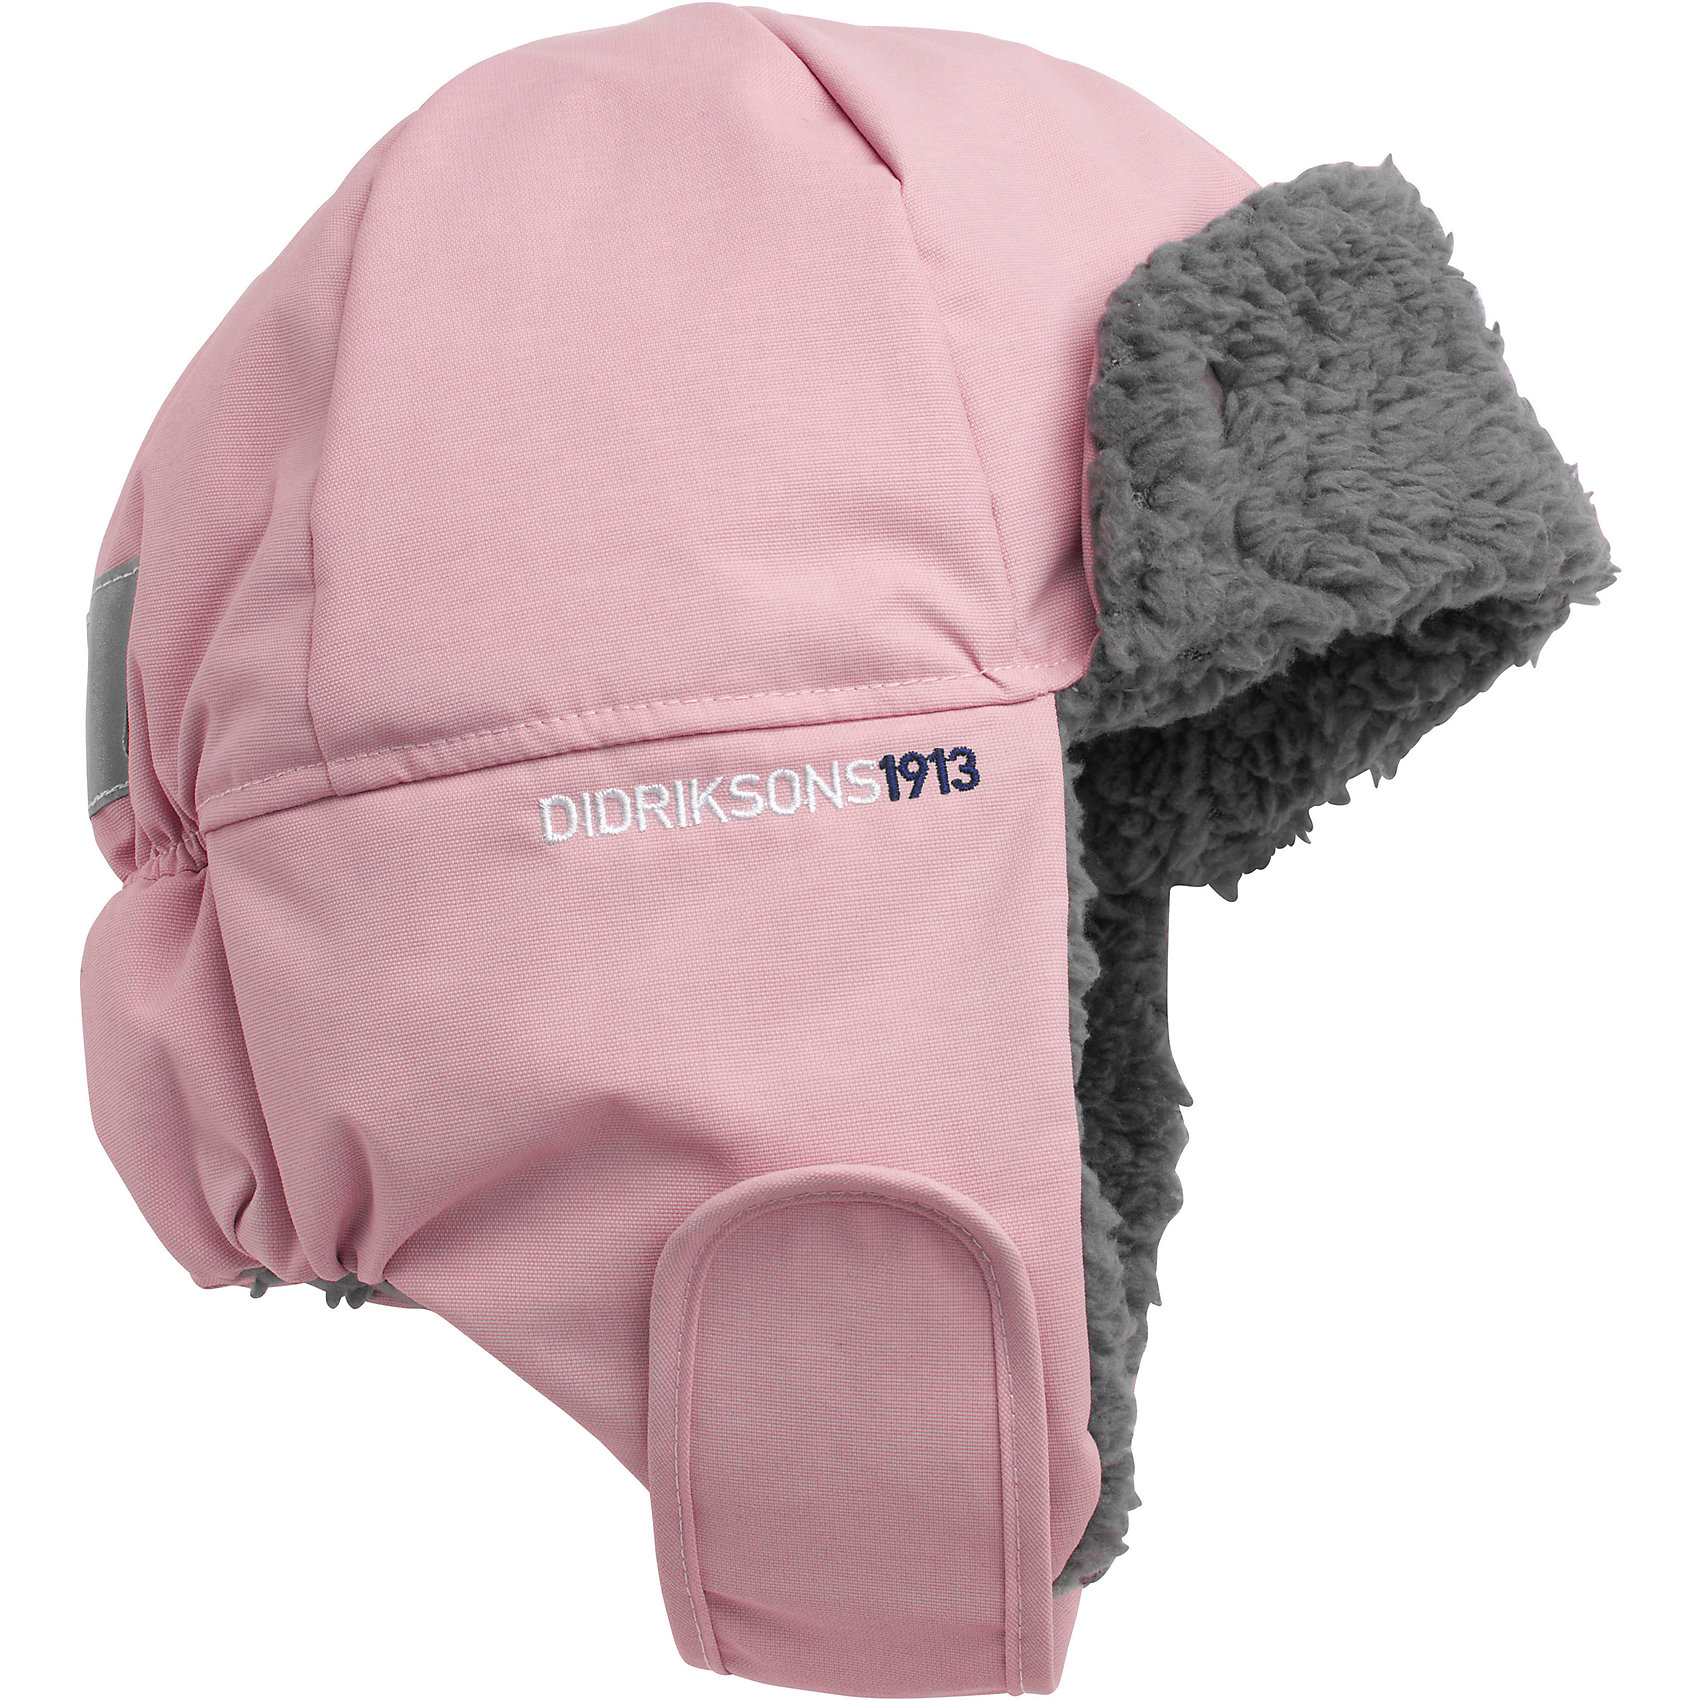 Шапка Biggles для девочки DIDRIKSONSХарактеристики товара:<br><br>• цвет: розовый<br>• материал: 100% полиамид, подкладка 100% полиэстер<br>• утеплитель: 60 г/м<br>• сезон: зима<br>• температурный режим от +5 до -20С<br>• непромокаемая и непродуваемая мембранная ткань<br>• подкладка из искусственного меха<br>• дополнительная пропитка верха<br>• прокленные швы<br>• застежка: липучка<br>• защита ушей от холода<br>• страна бренда: Швеция<br>• страна производства: Китай<br><br>Такие шапки сейчас на пике молодежной моды! Это не только стильно, но еще и очень комфортно, а также тепло. Эта качественная шапка обеспечит ребенку удобство при прогулках и активном отдыхе зимой. Такая модель от шведского производителя отлично смотрится с разной верхней одеждой.<br>Шапка сшита из мембранной ткани, которая позволяет телу дышать, но при этом не промокает и не продувается. Очень стильная и удобная модель! Изделие качественно выполнено, сделано из безопасных для детей материалов. <br><br>Шапку для девочки от бренда DIDRIKSONS можно купить в нашем интернет-магазине.<br><br>Ширина мм: 89<br>Глубина мм: 117<br>Высота мм: 44<br>Вес г: 155<br>Цвет: розовый<br>Возраст от месяцев: 48<br>Возраст до месяцев: 60<br>Пол: Женский<br>Возраст: Детский<br>Размер: 52,56,54<br>SKU: 5004005